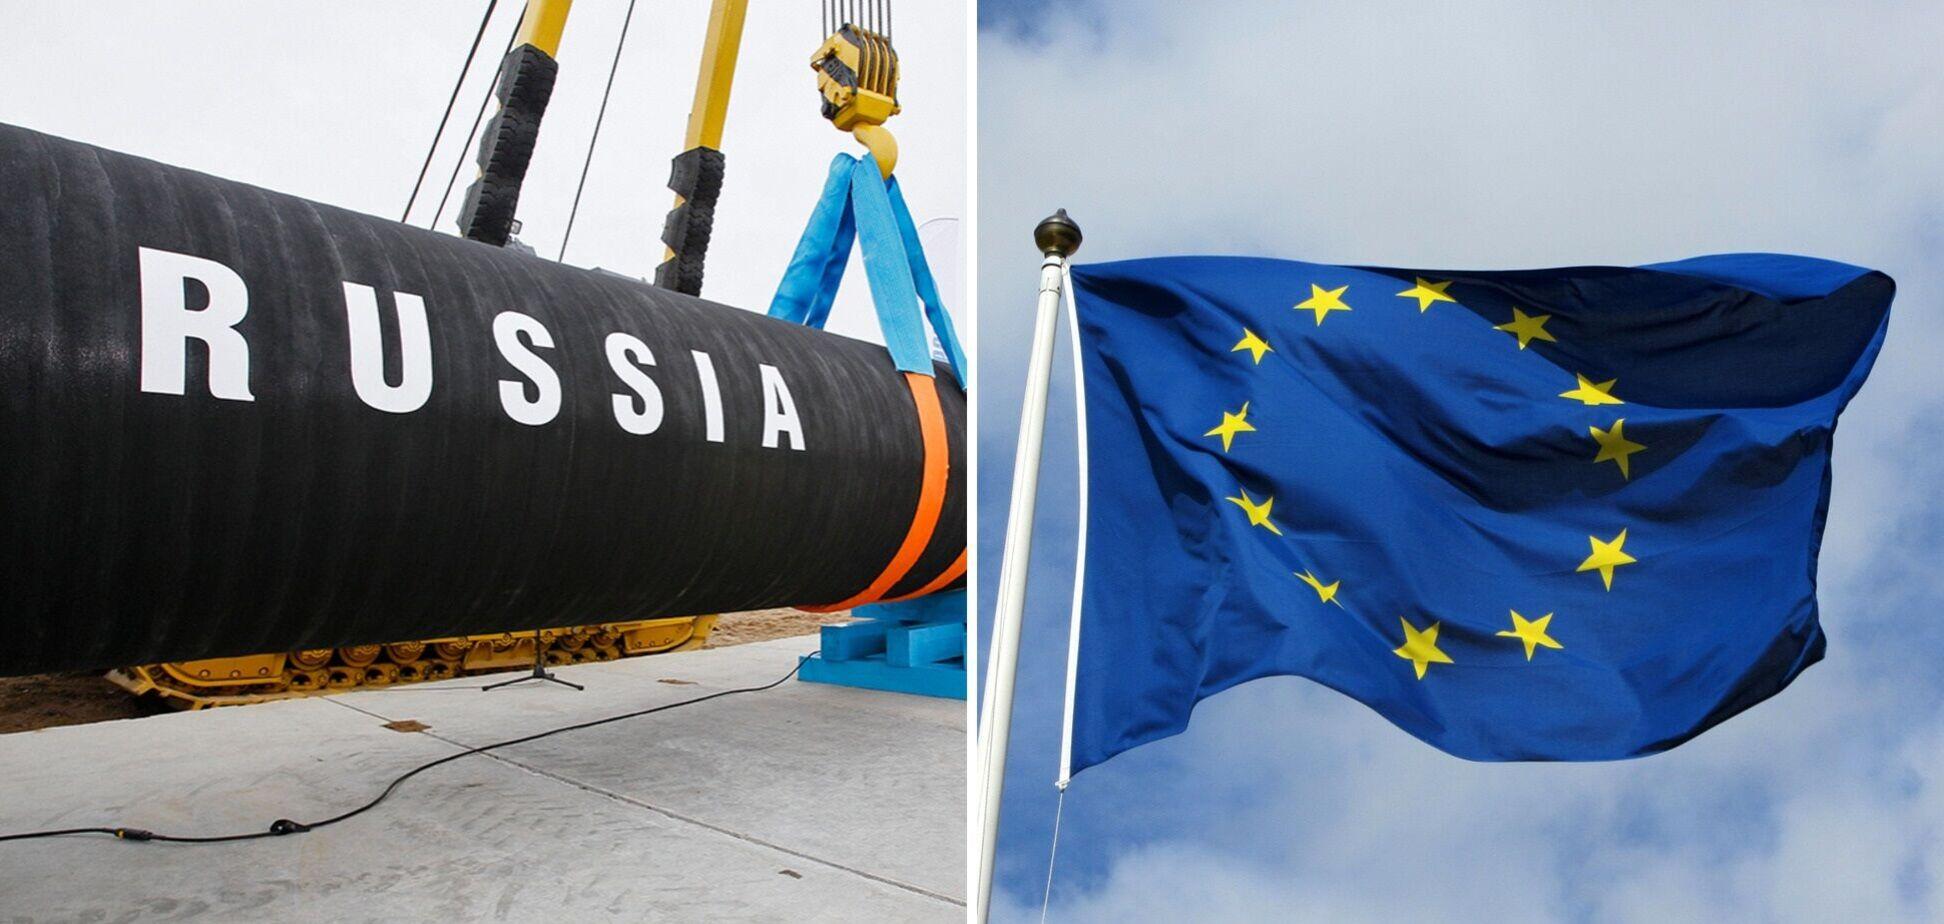 Росія шантажує ЄС газом